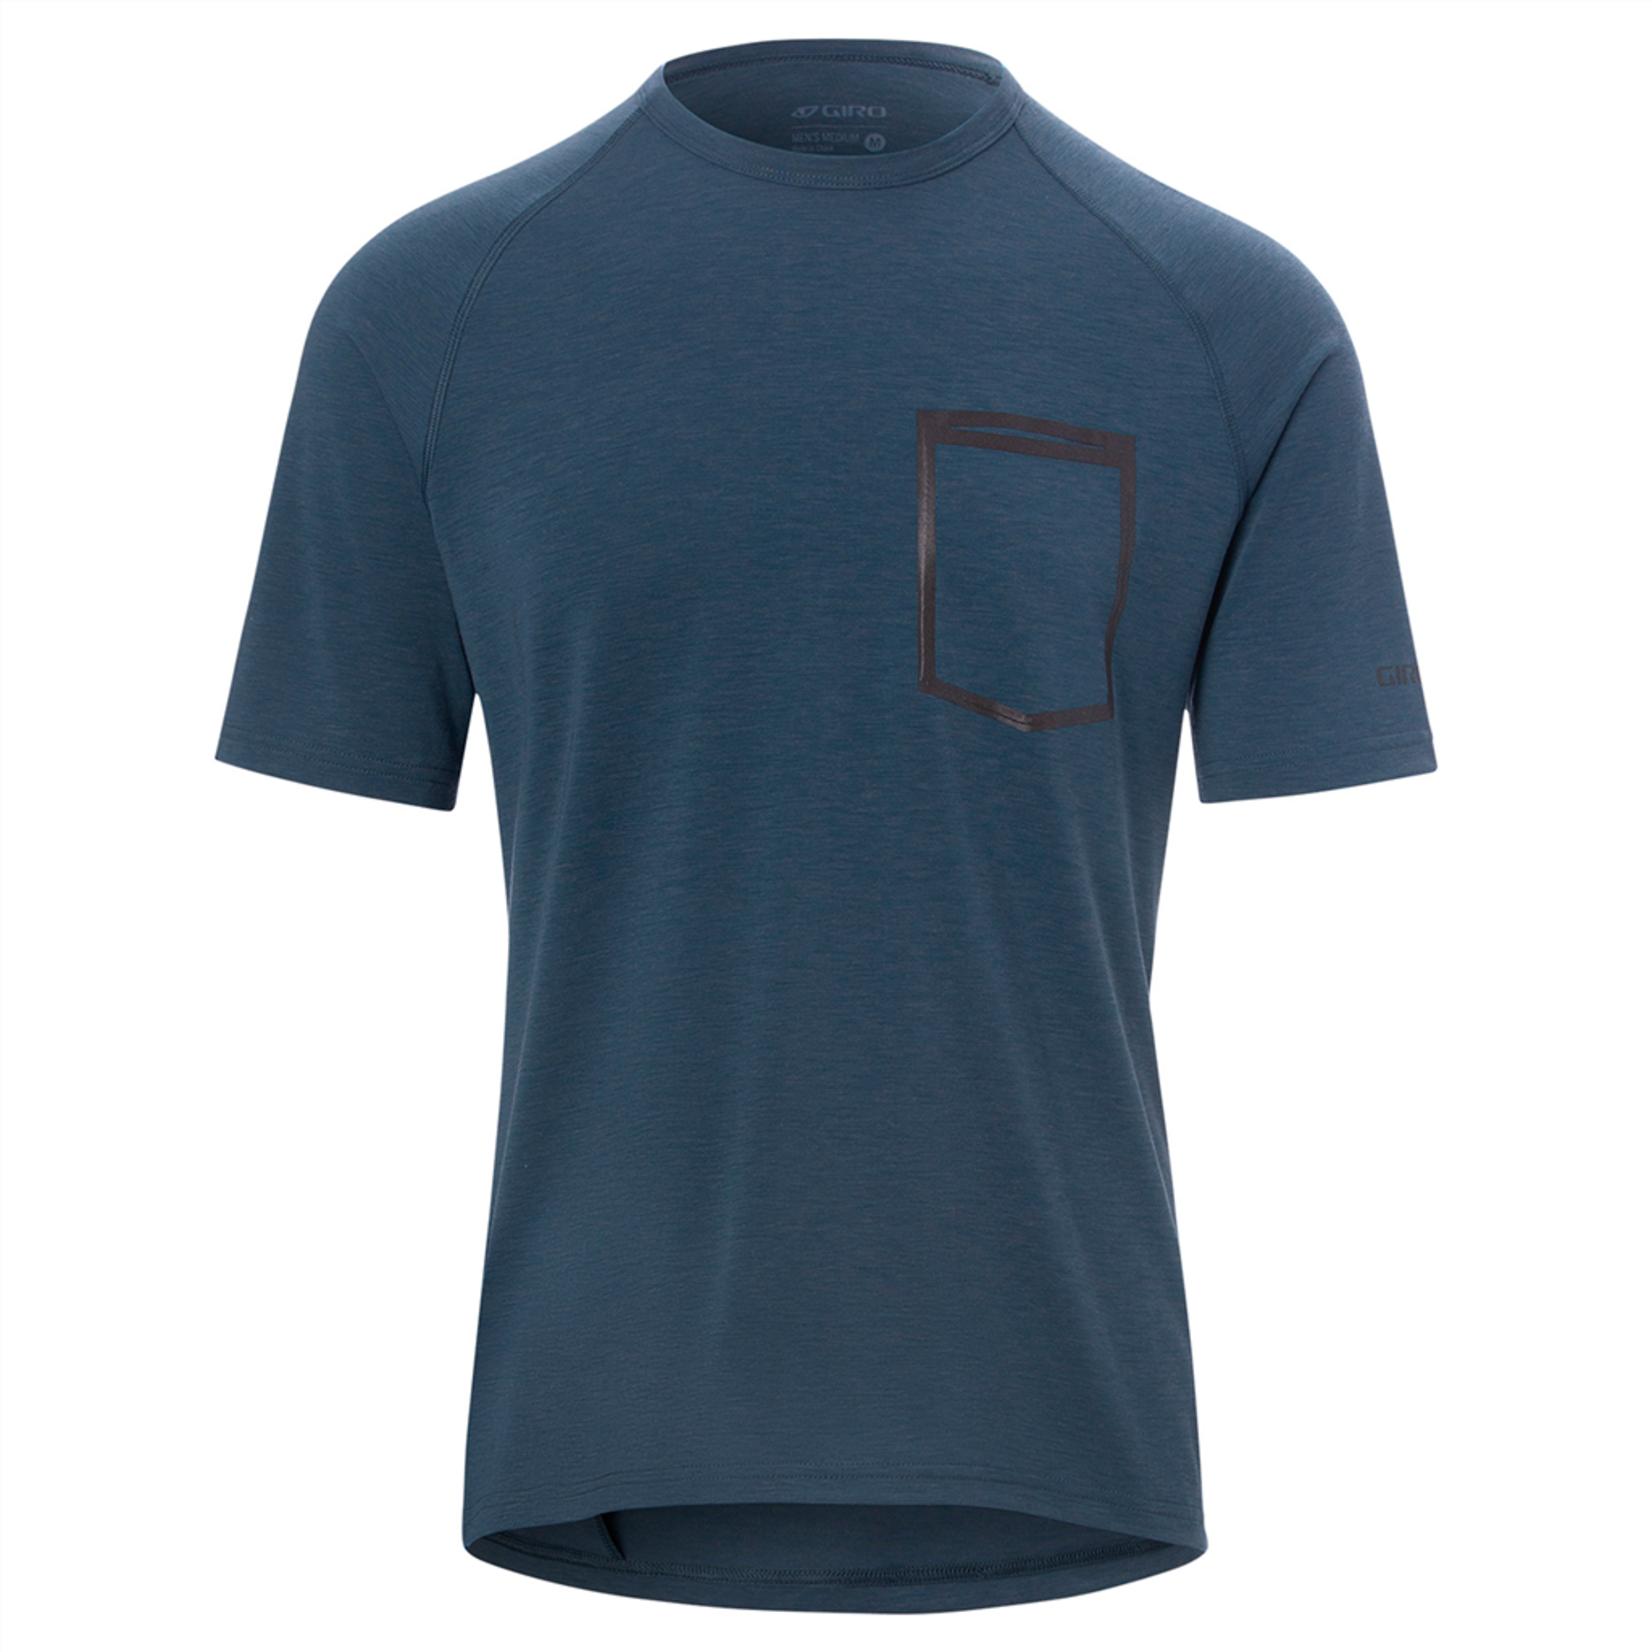 Giro GIRO - T-Shirt Venture Roust Jersey - Portaro grey